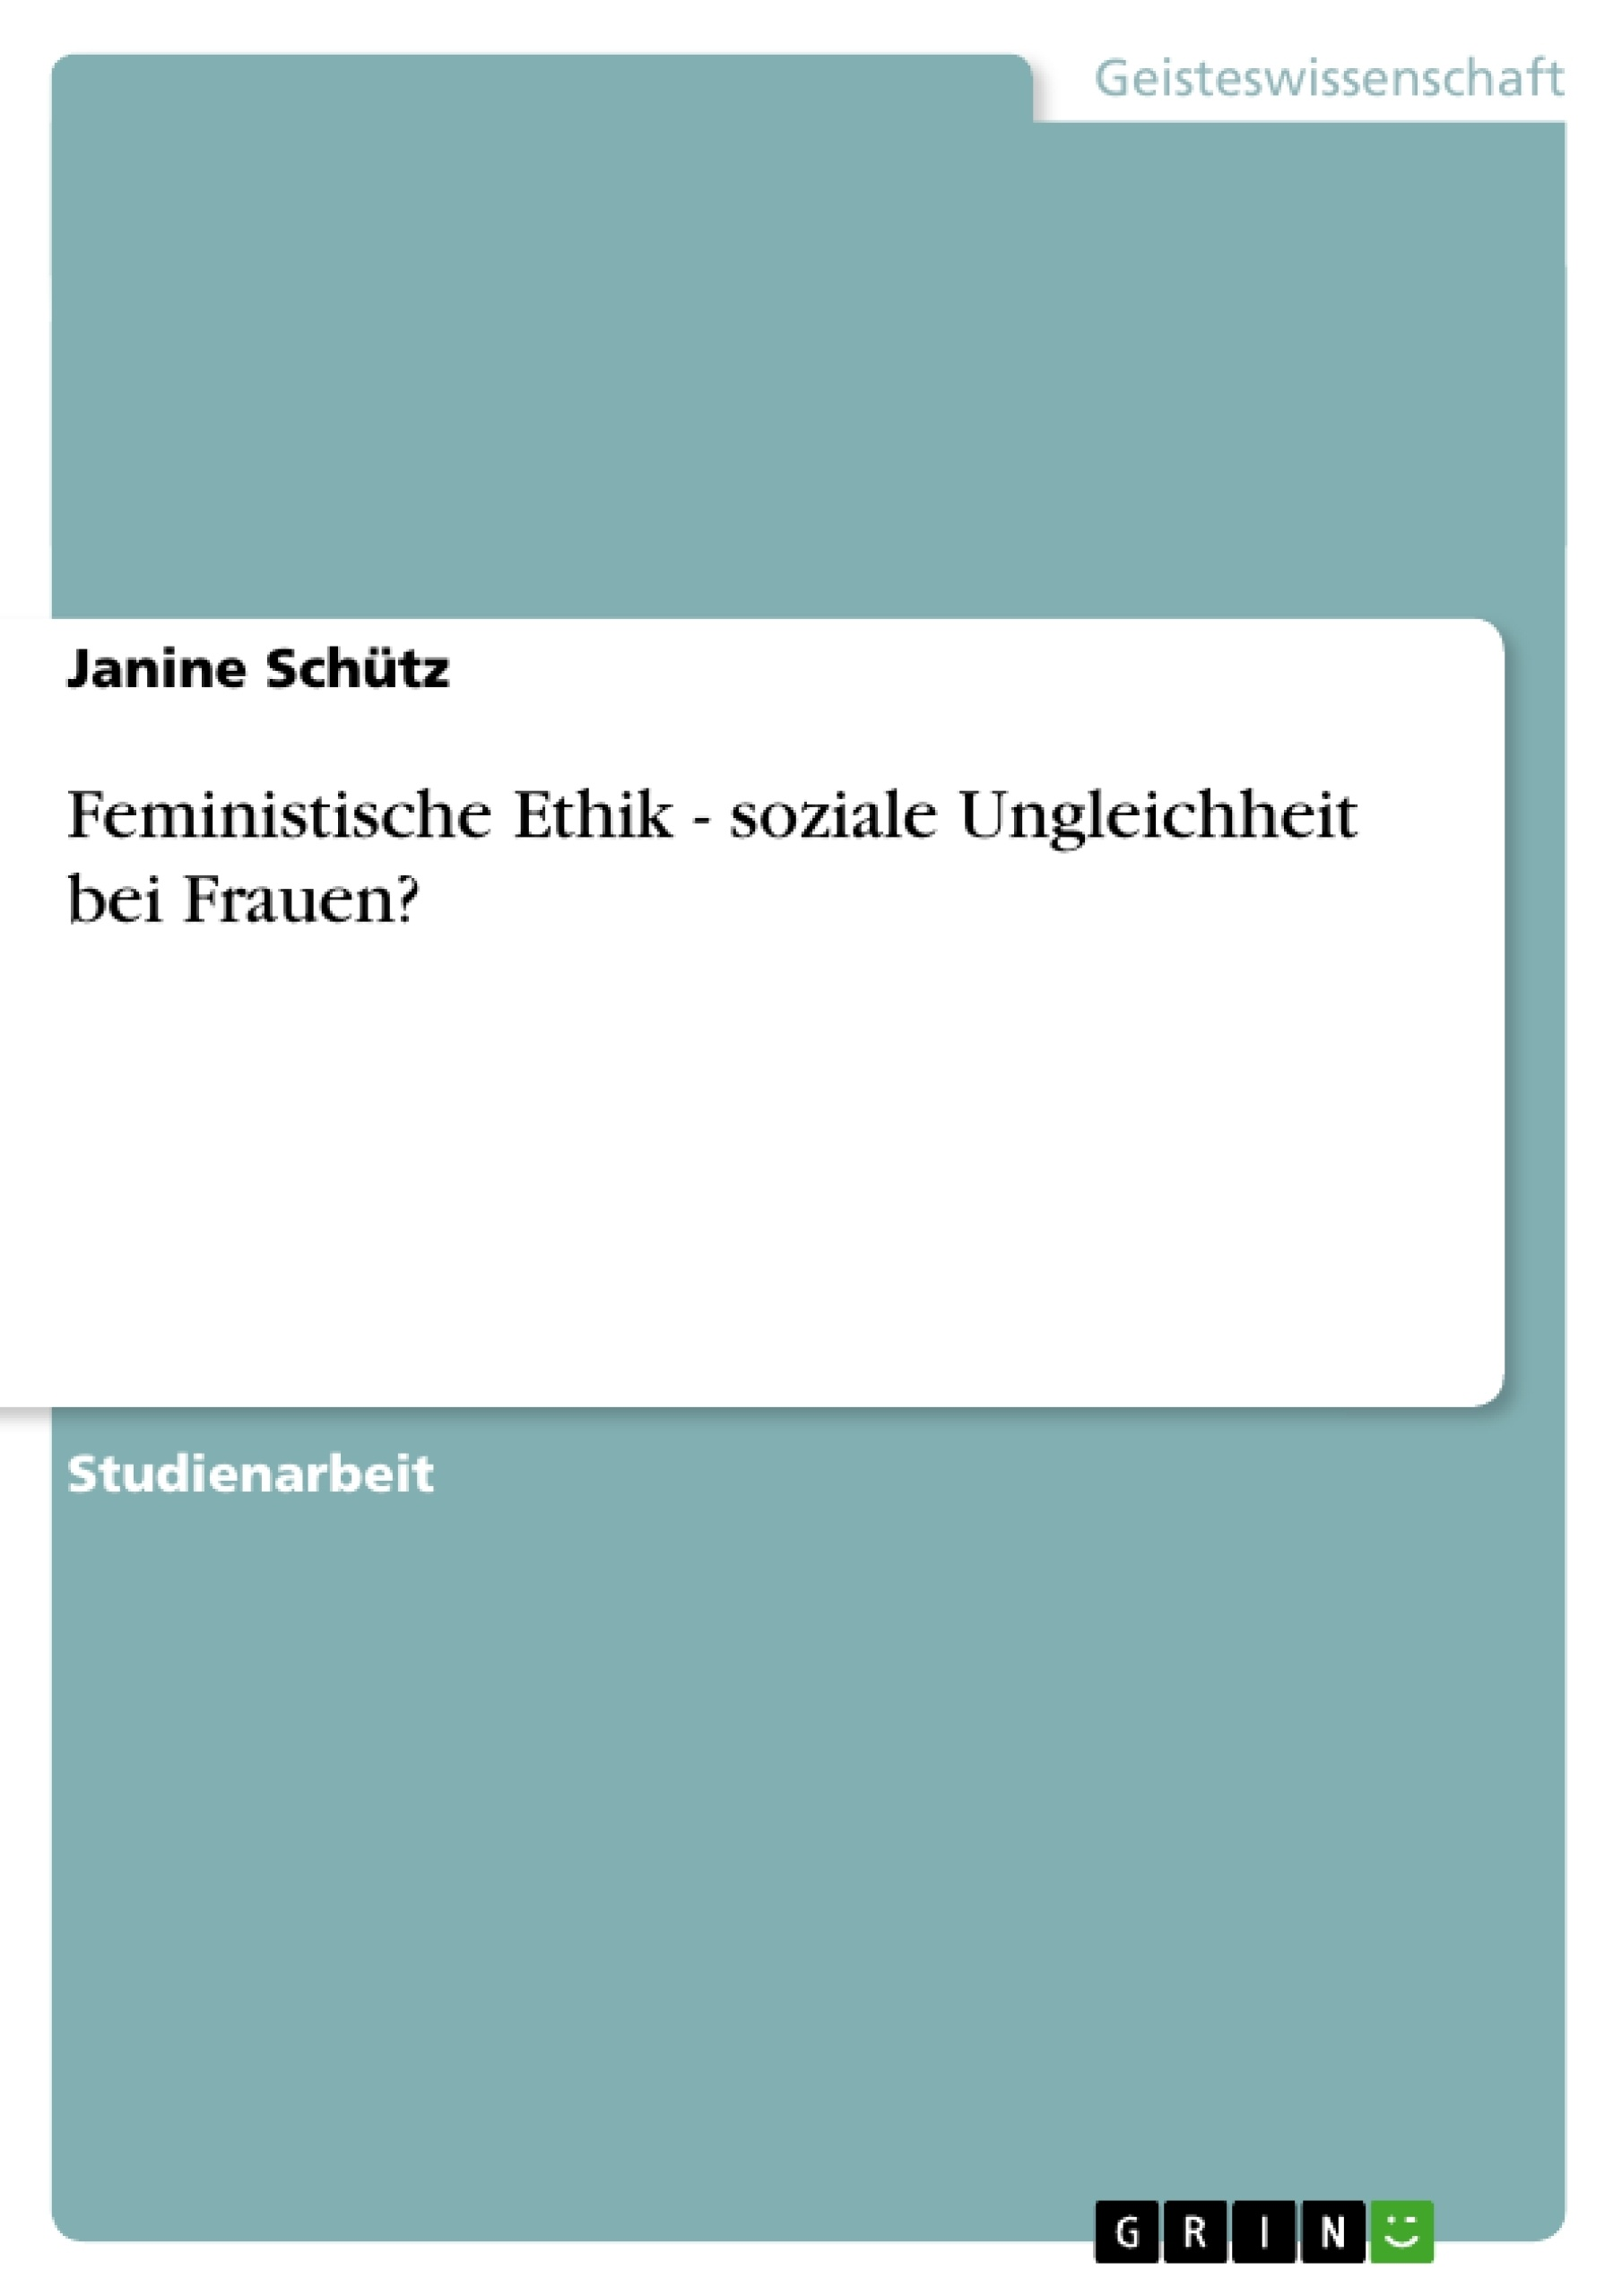 Titel: Feministische Ethik - soziale Ungleichheit bei Frauen?